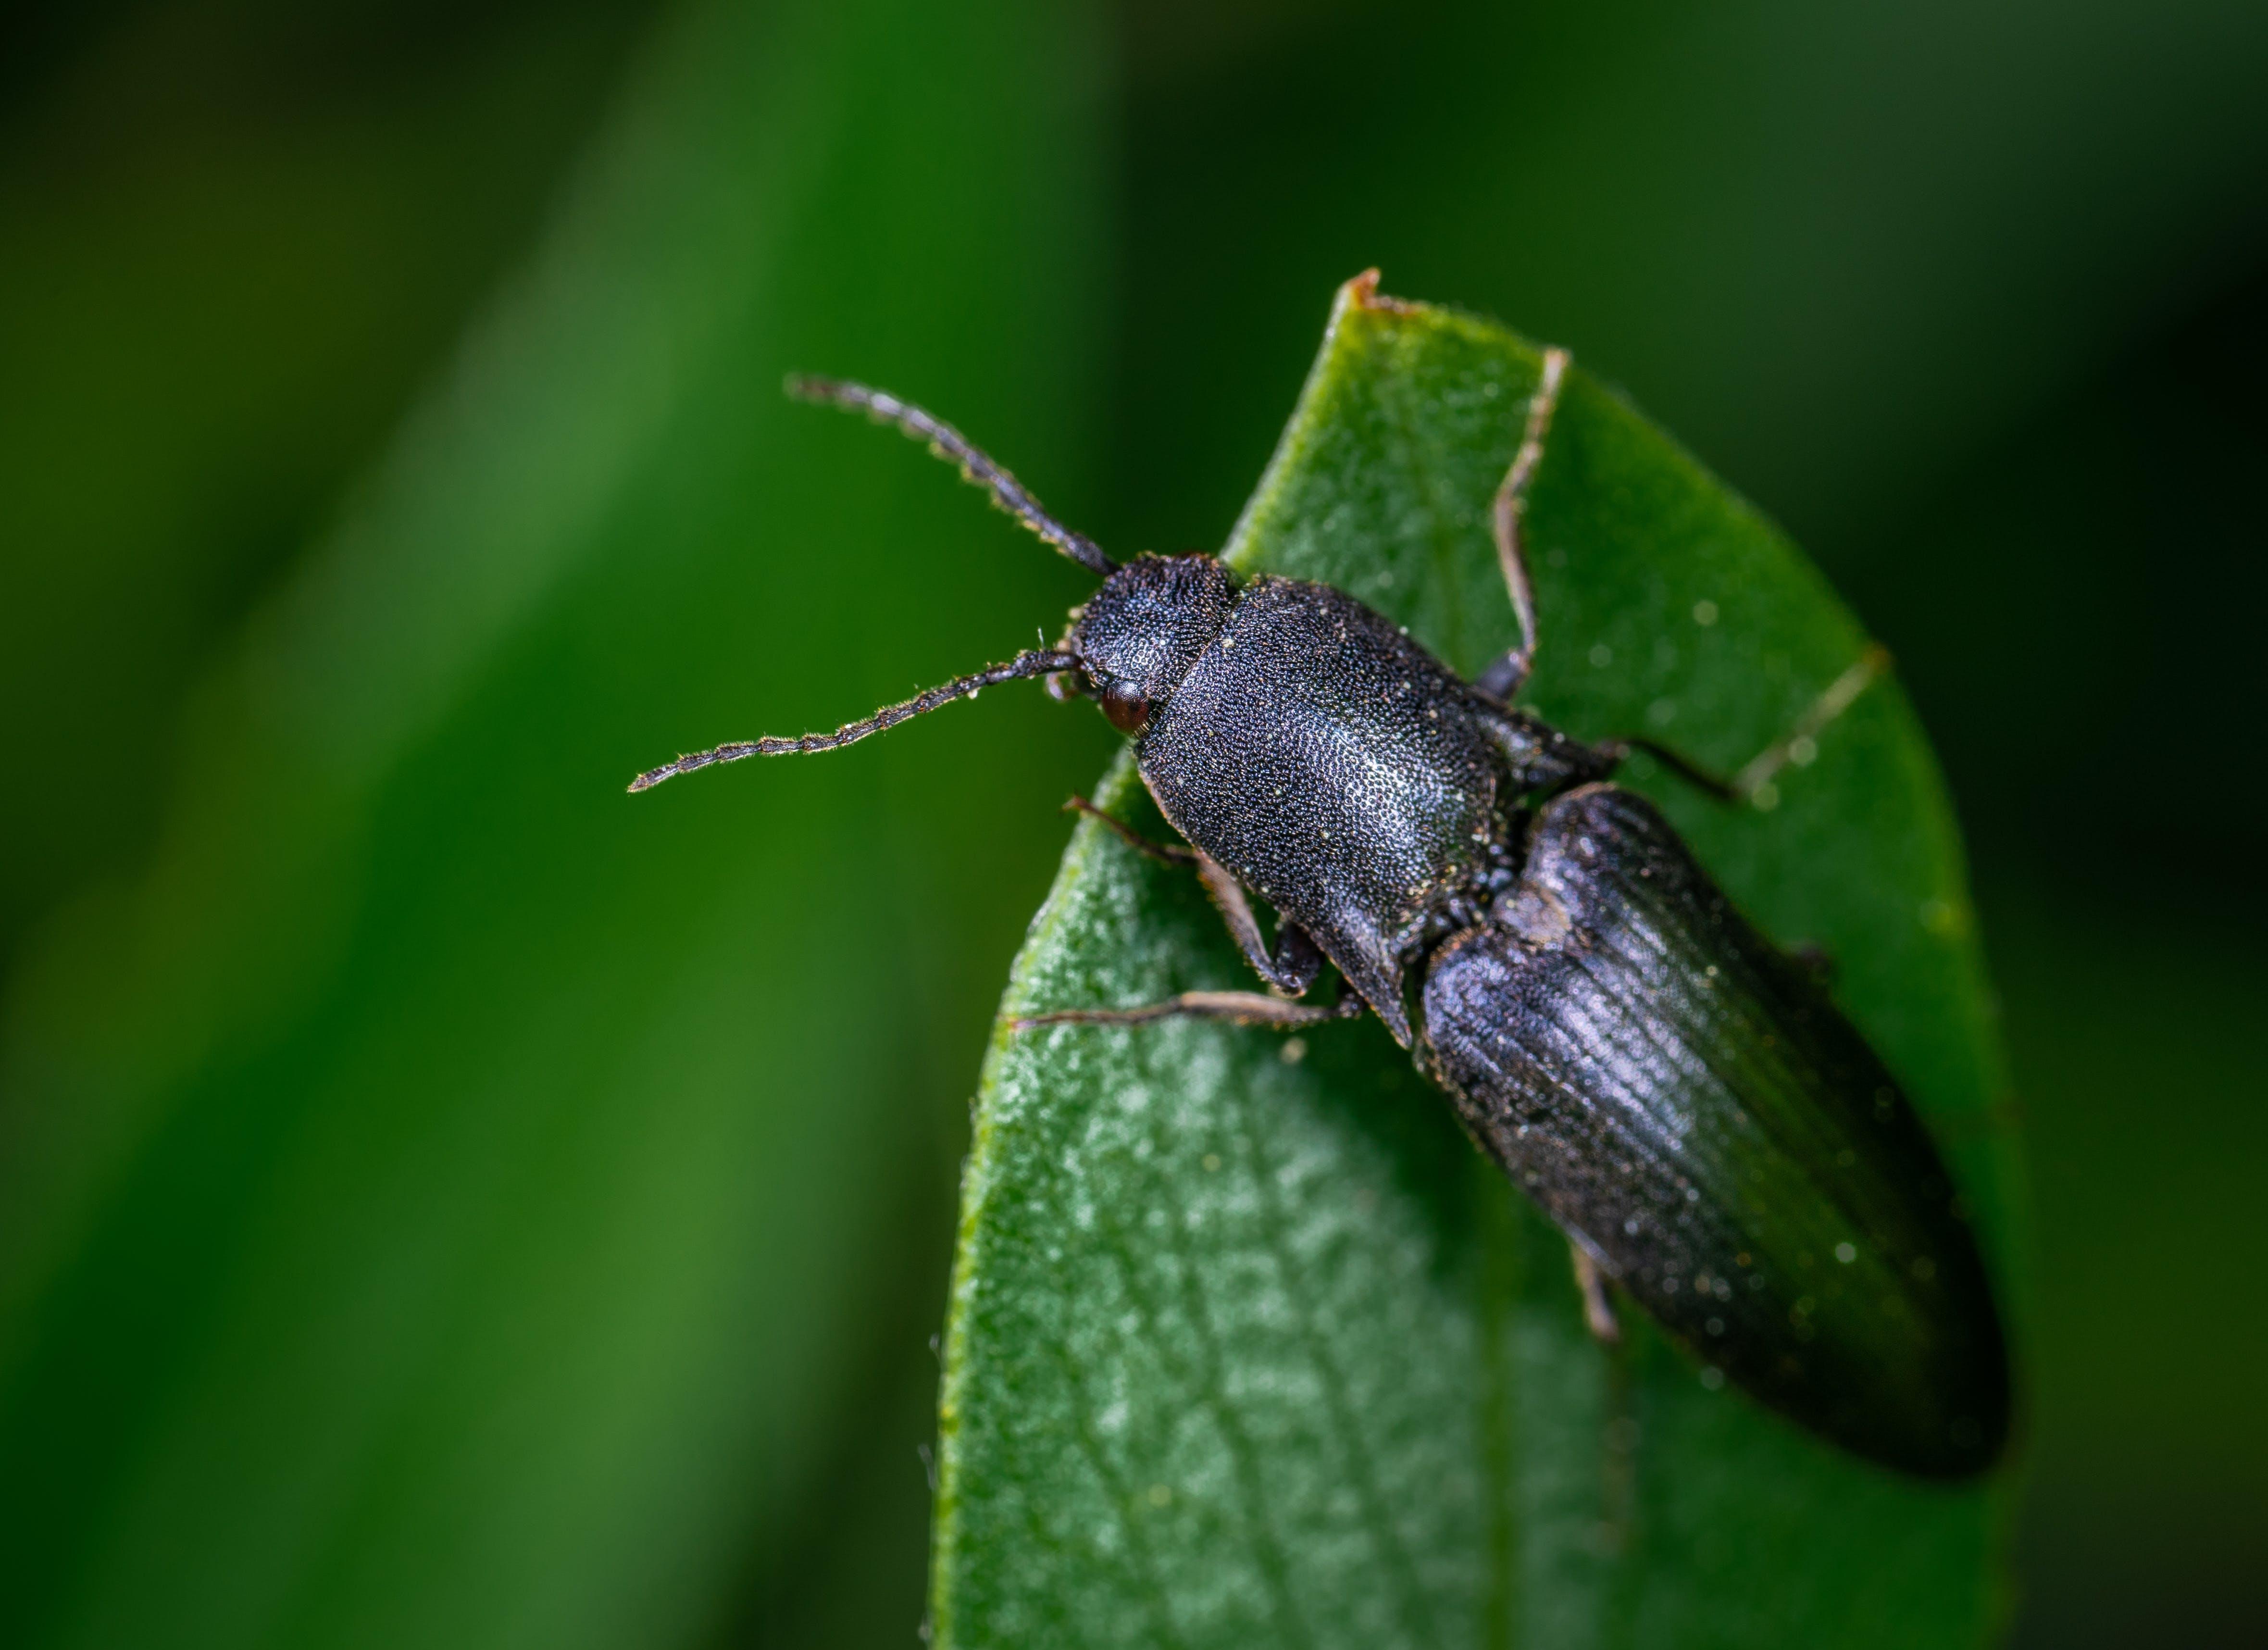 Black Bug On Leaf